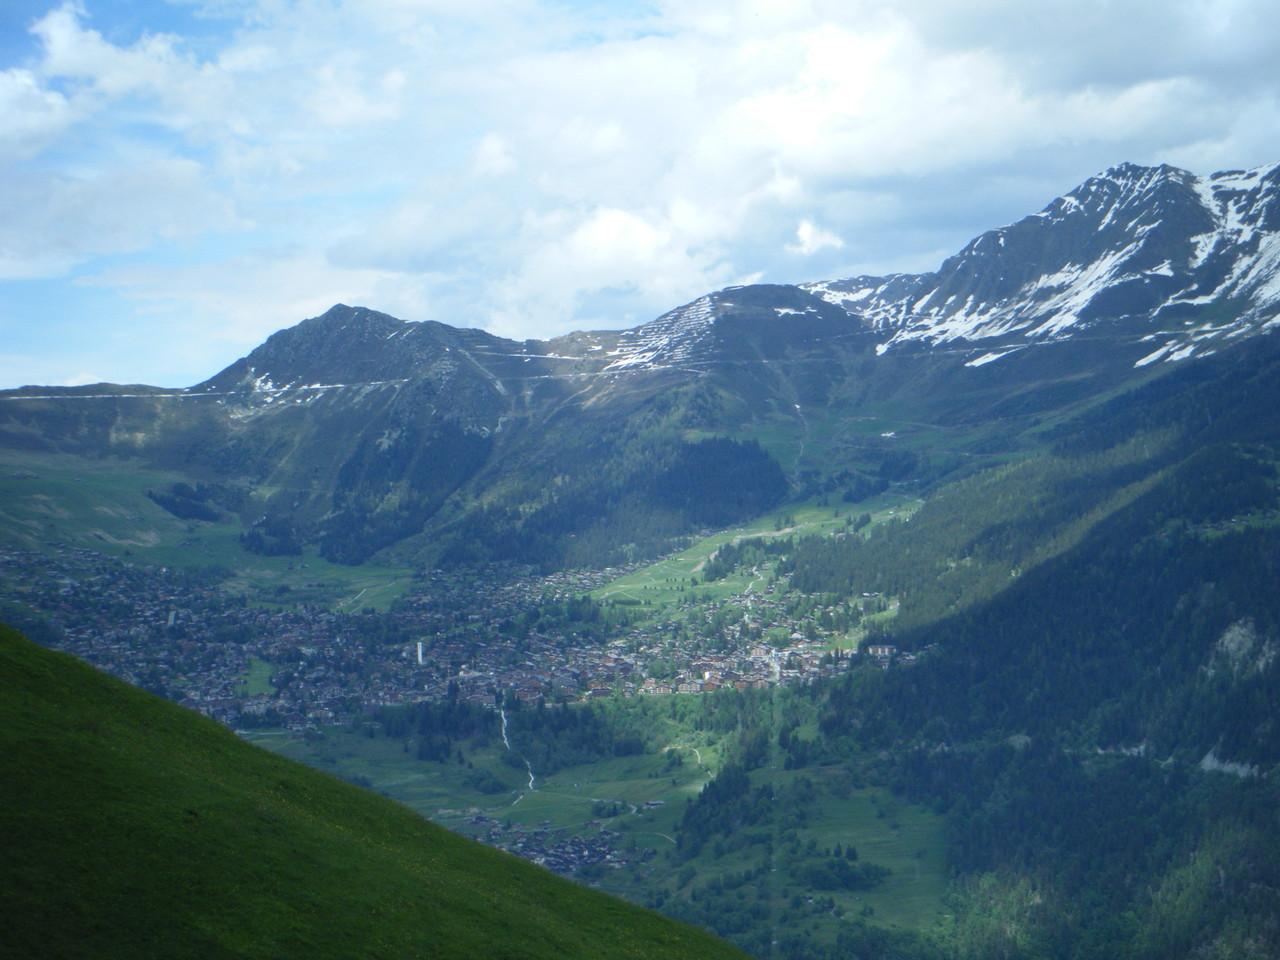 Vue sur le village de Verbier, qui se trouve sur la montagne opposée au chalet